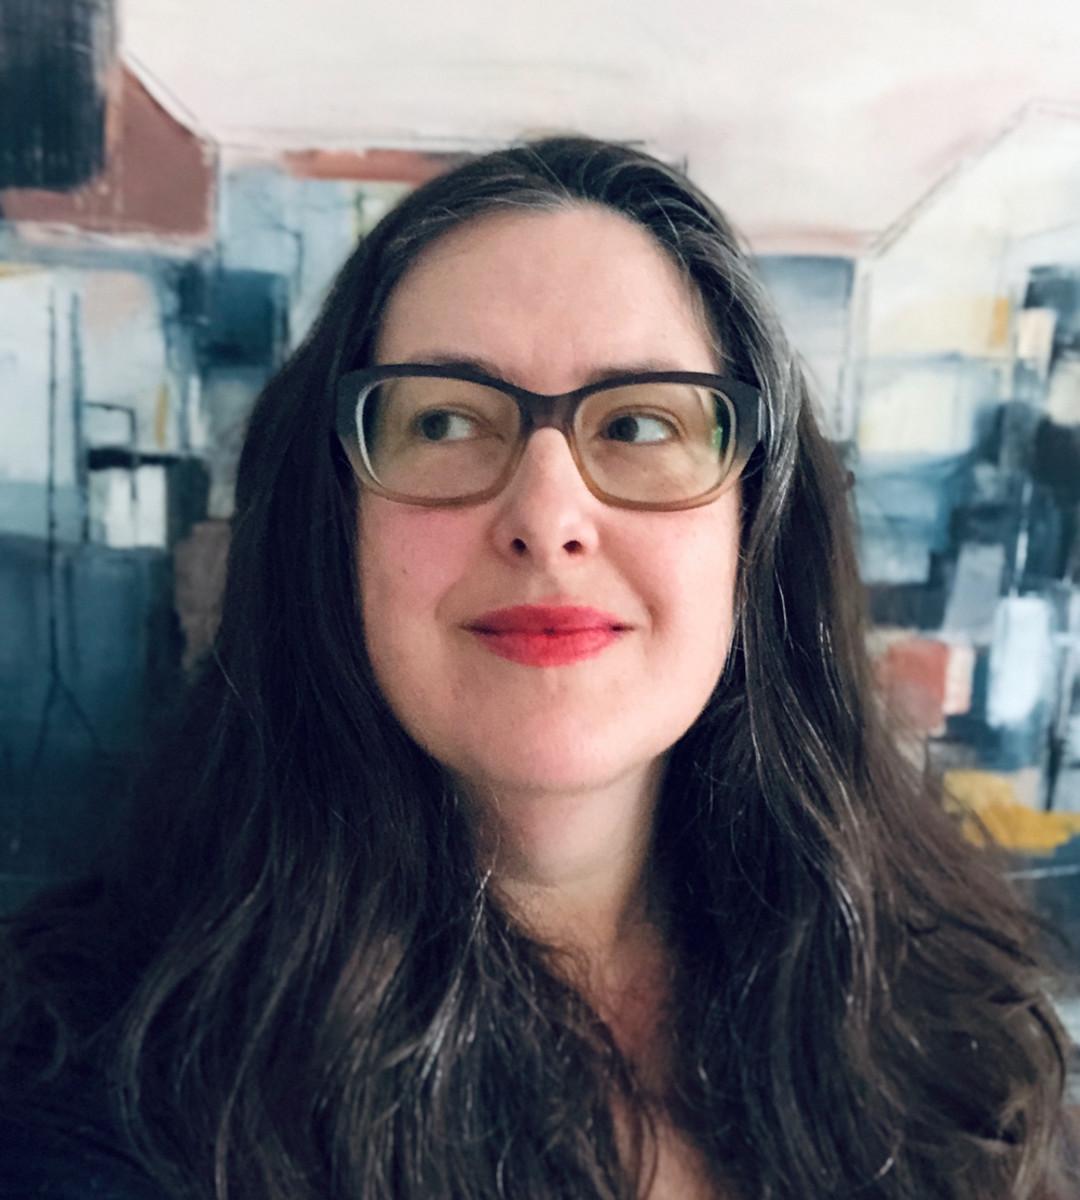 Melanie-Biehle-Artist-Photo-2-2020